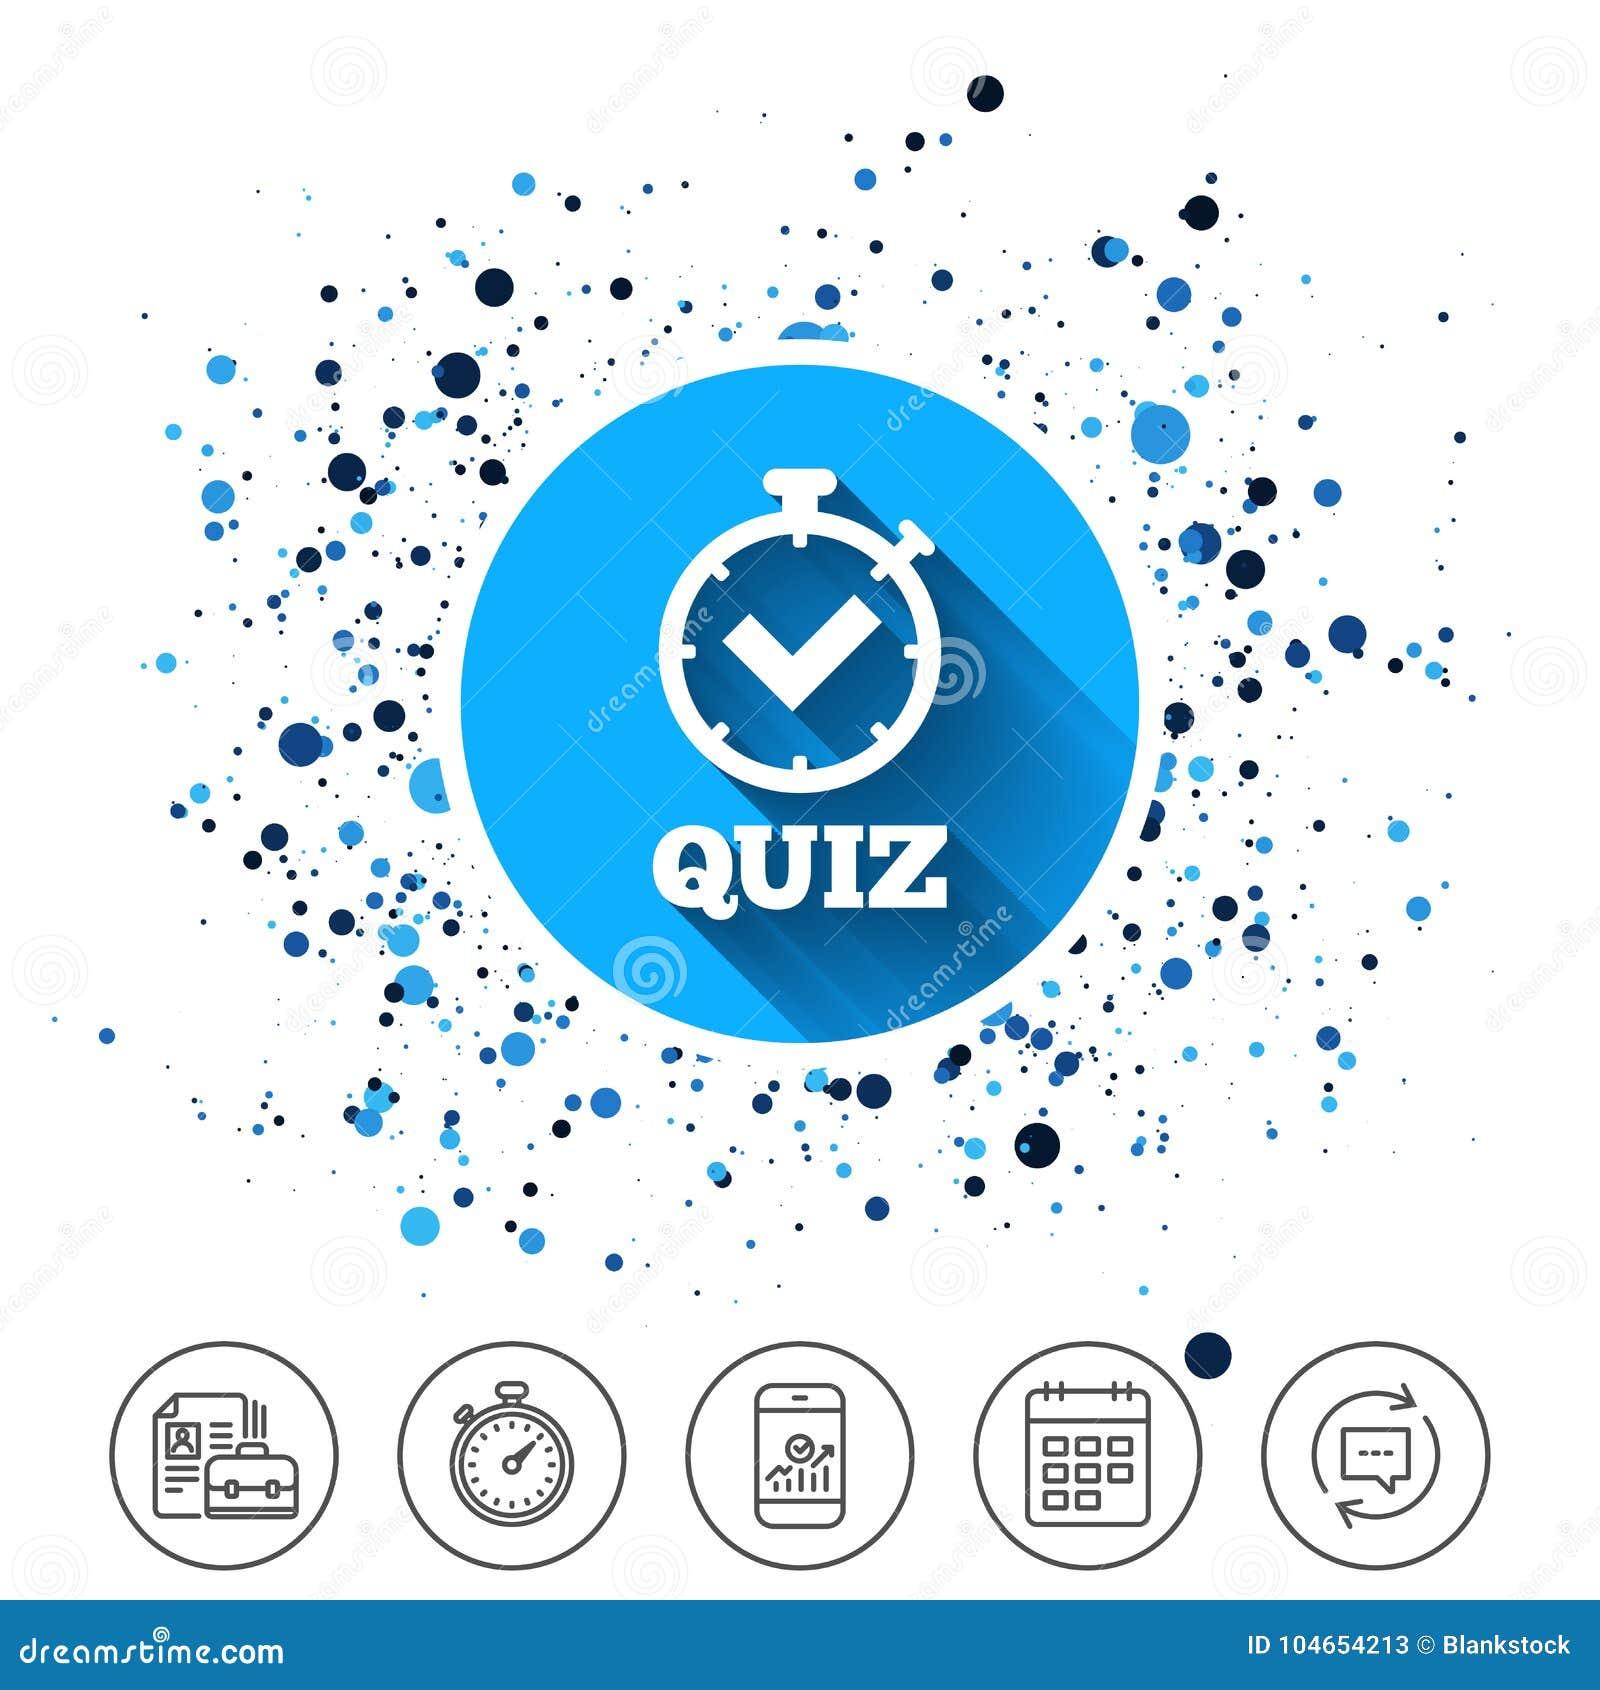 jogos de perguntas e resposta